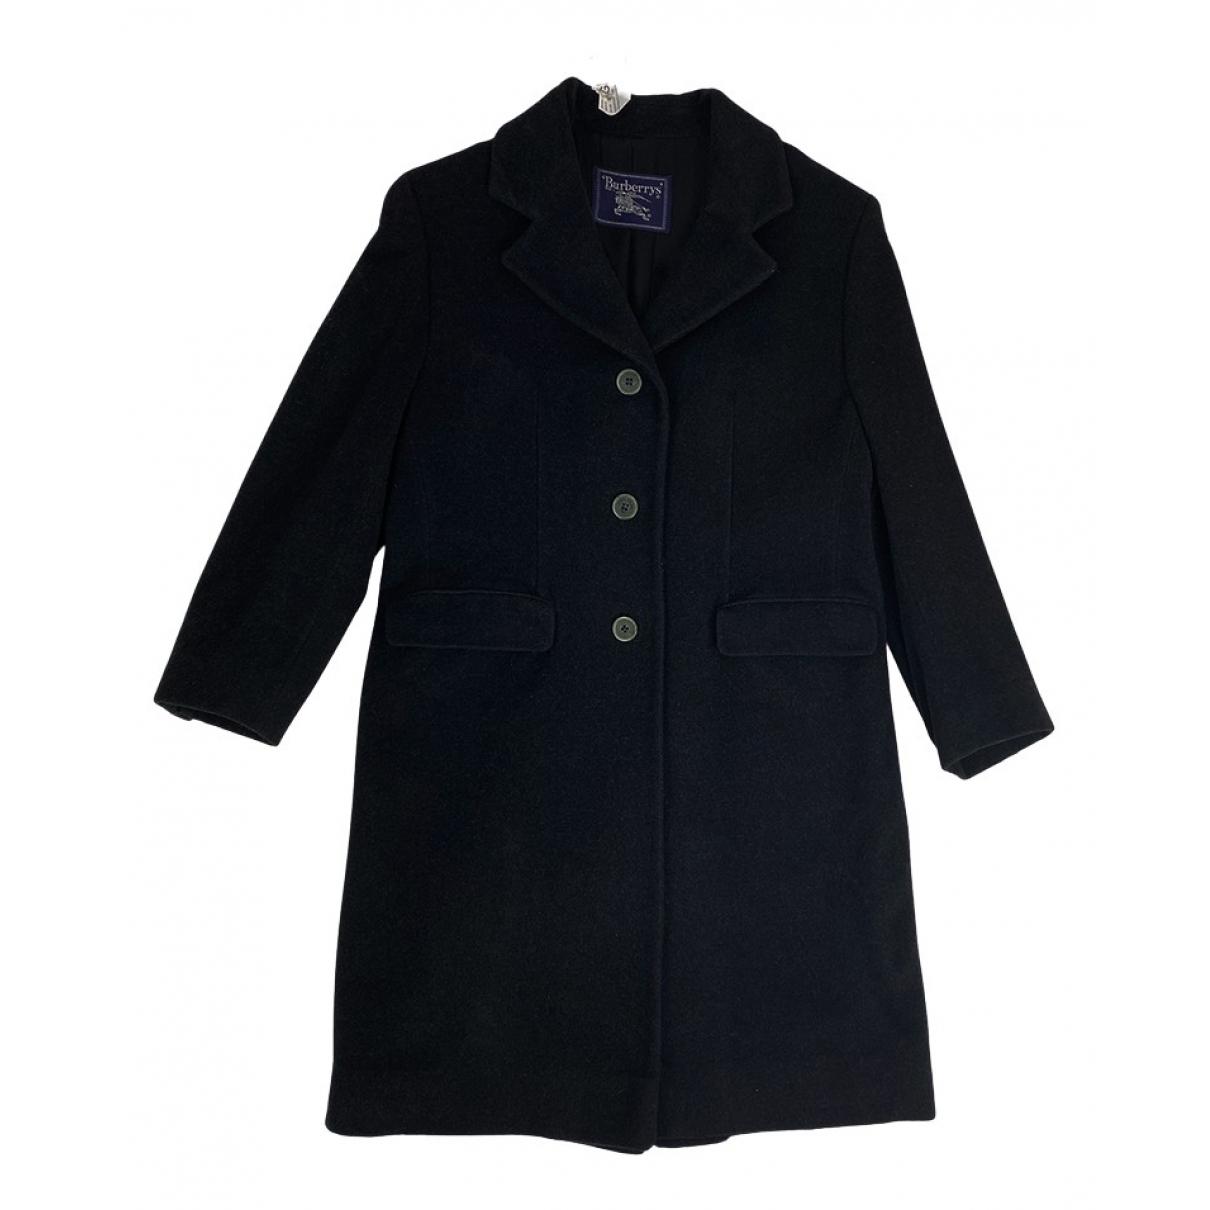 Burberry - Manteau   pour femme en cachemire - anthracite